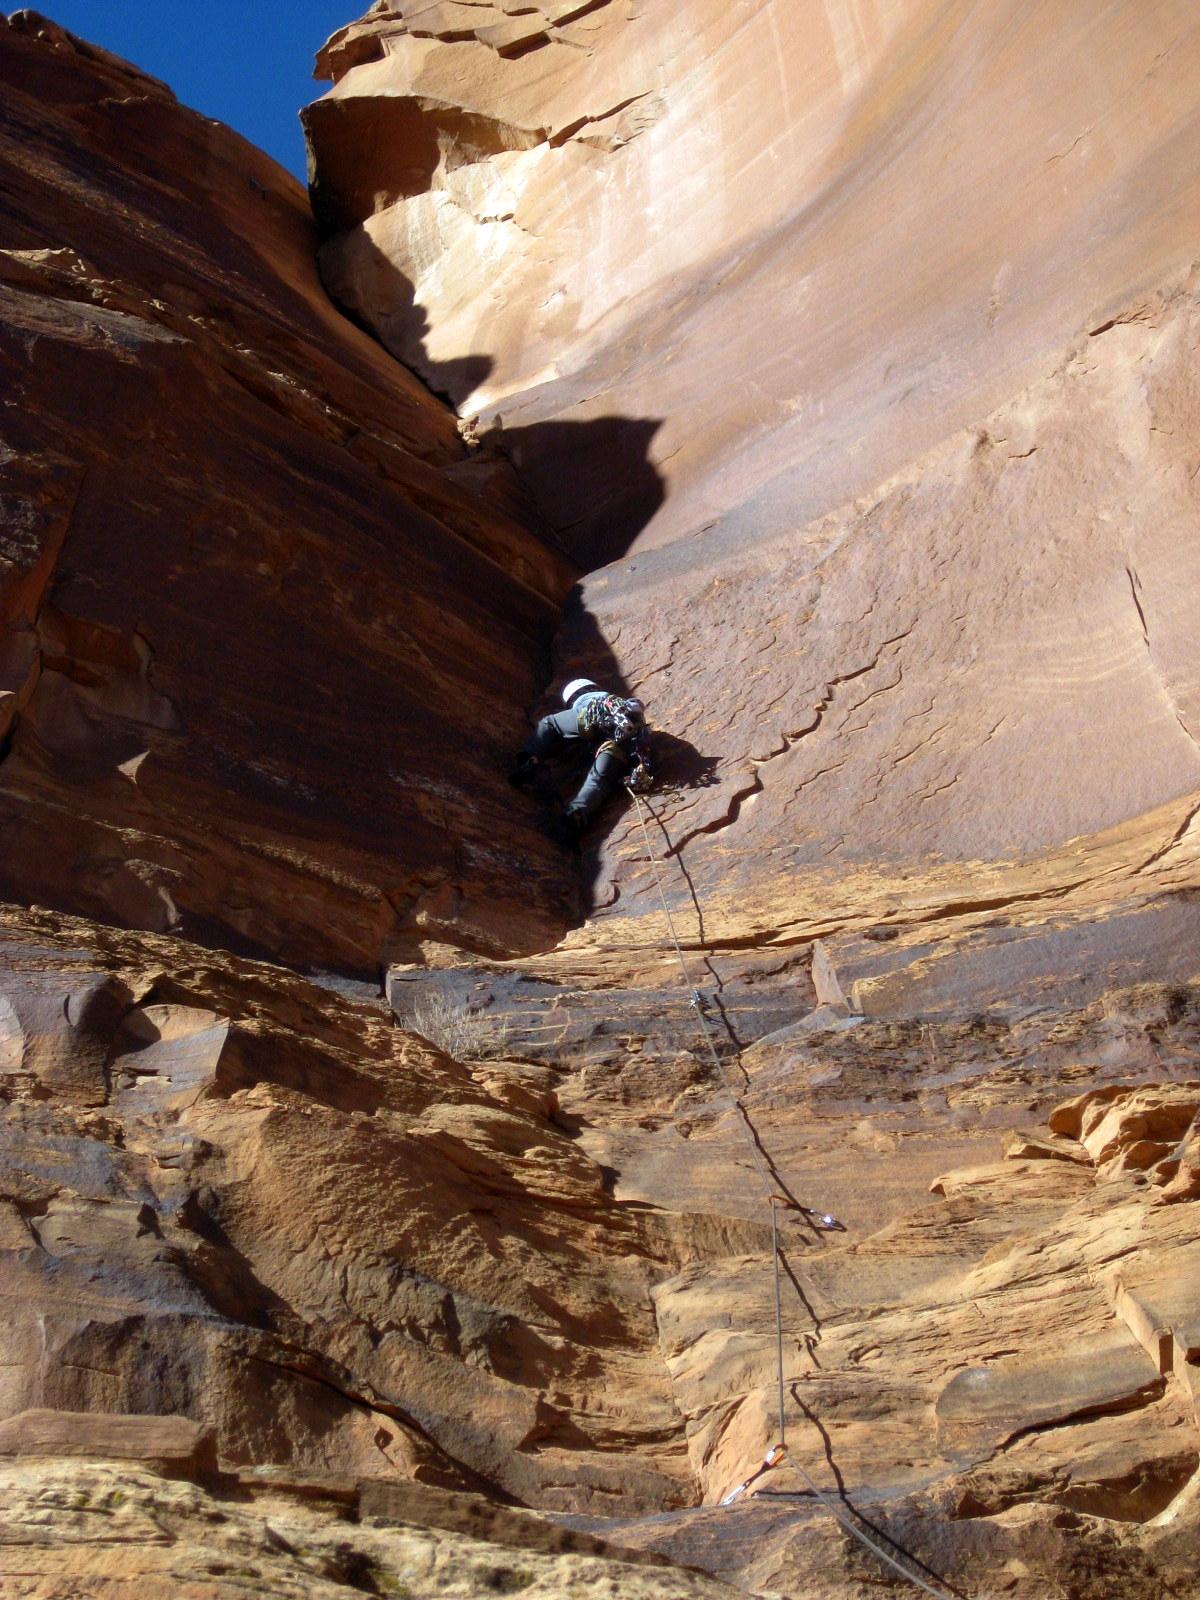 Top rope moab utah